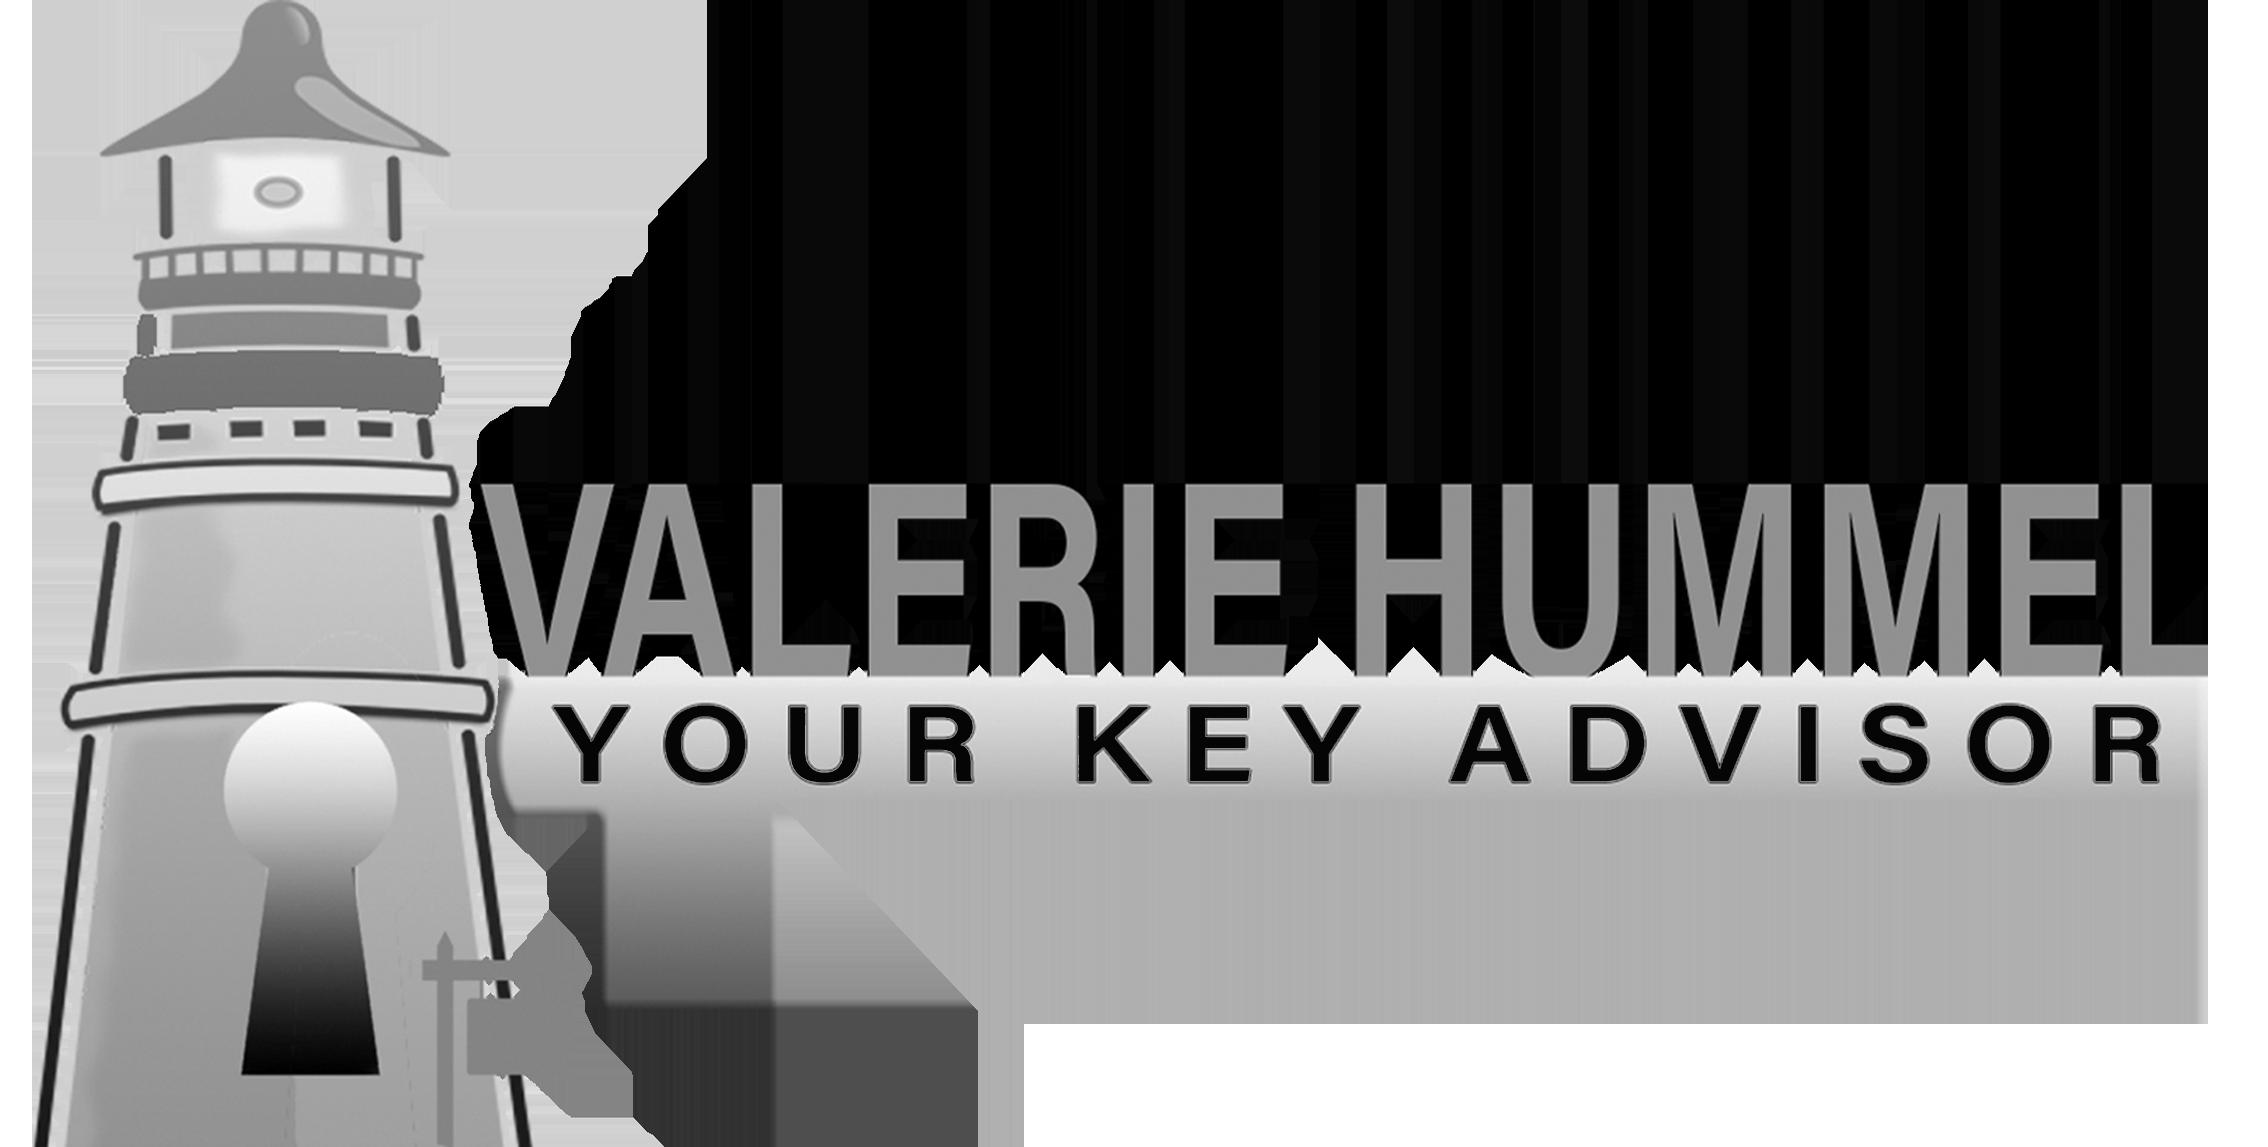 ValerieHummelRealtor.com